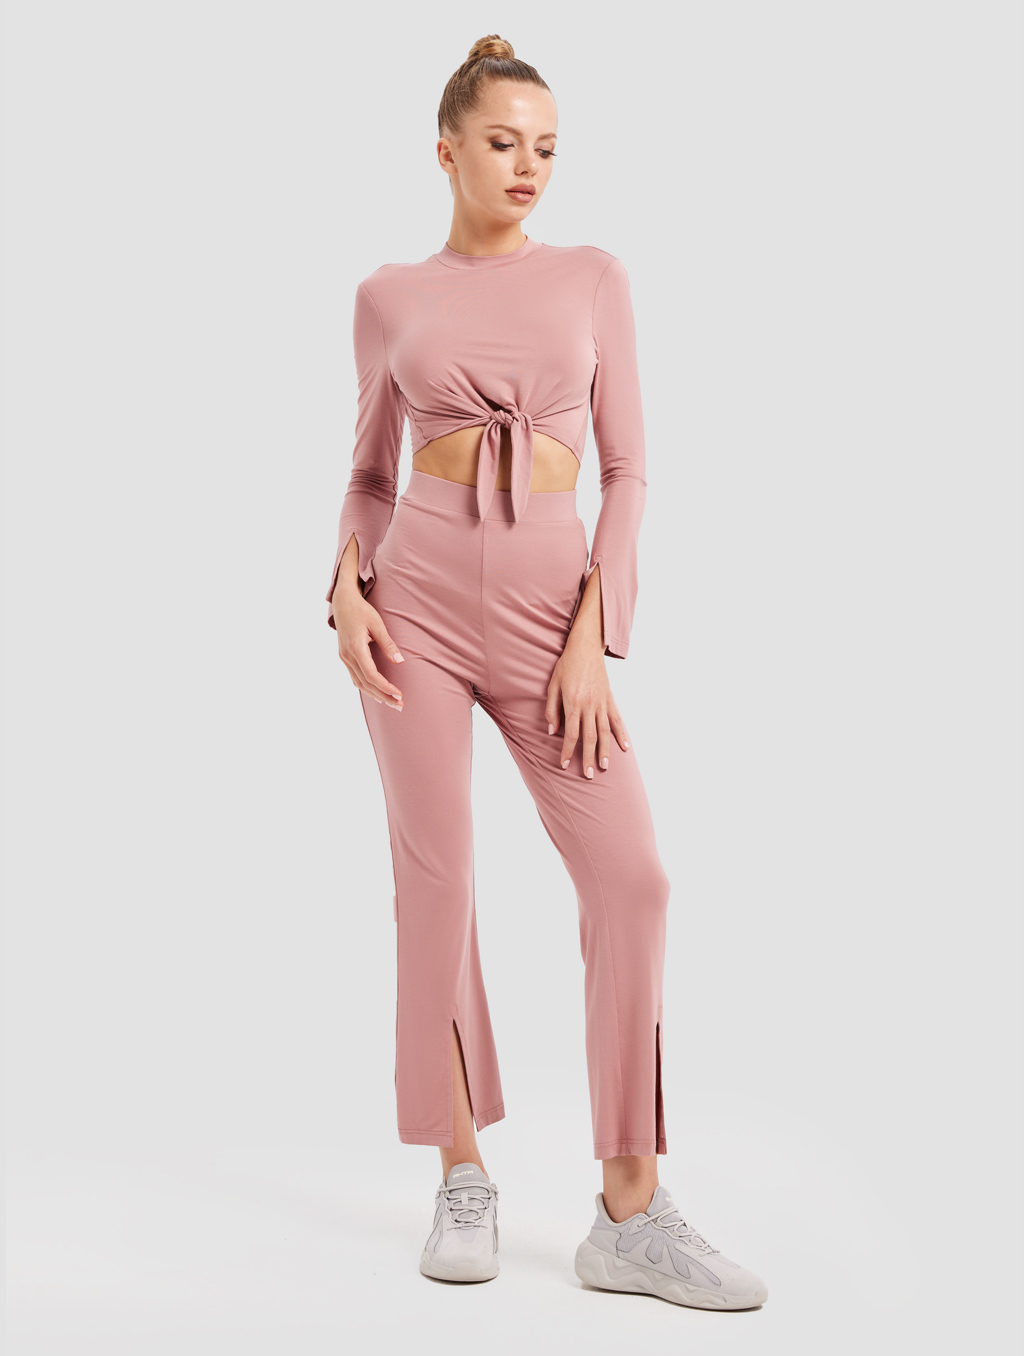 Slit Knit Pants - whole body -pink